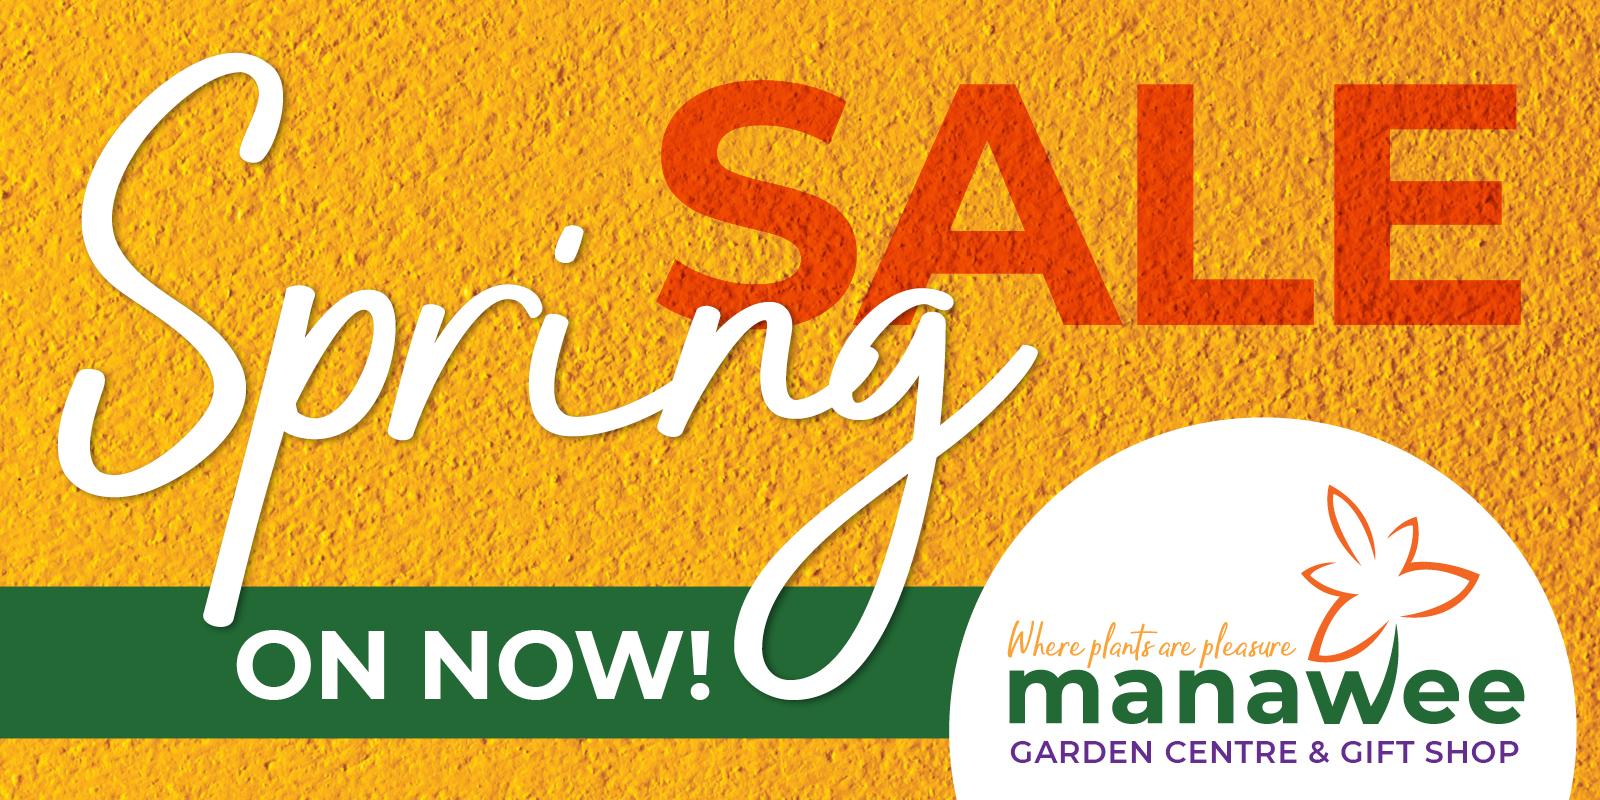 Manawee Spring Sale